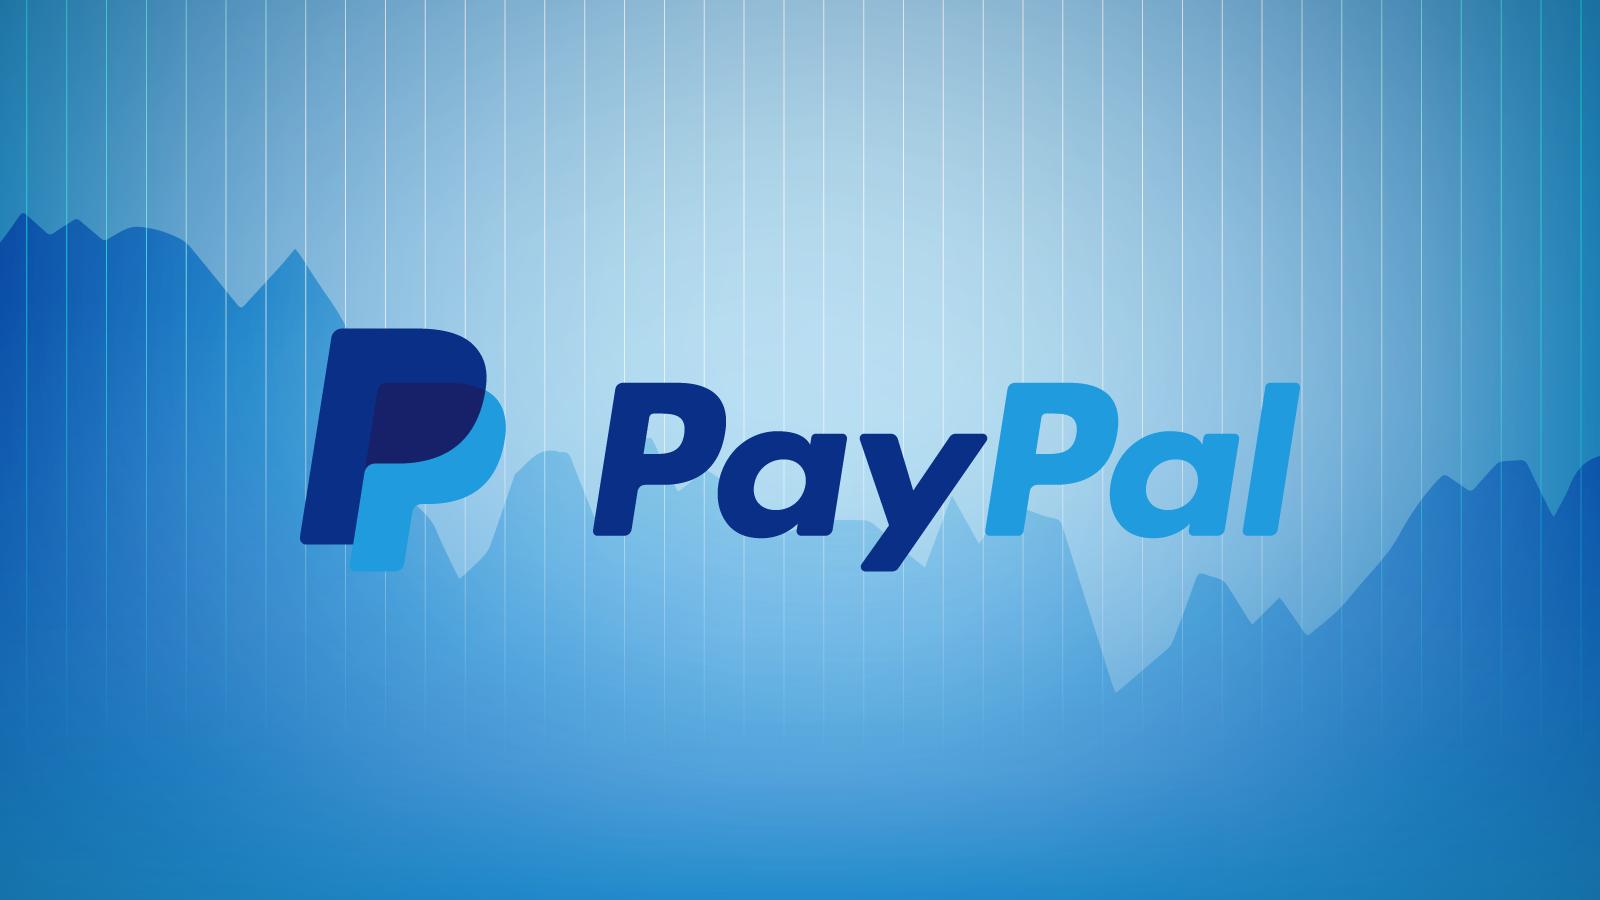 Impôts 2016 et compte PayPal : fiscalité, déclaration, obligations